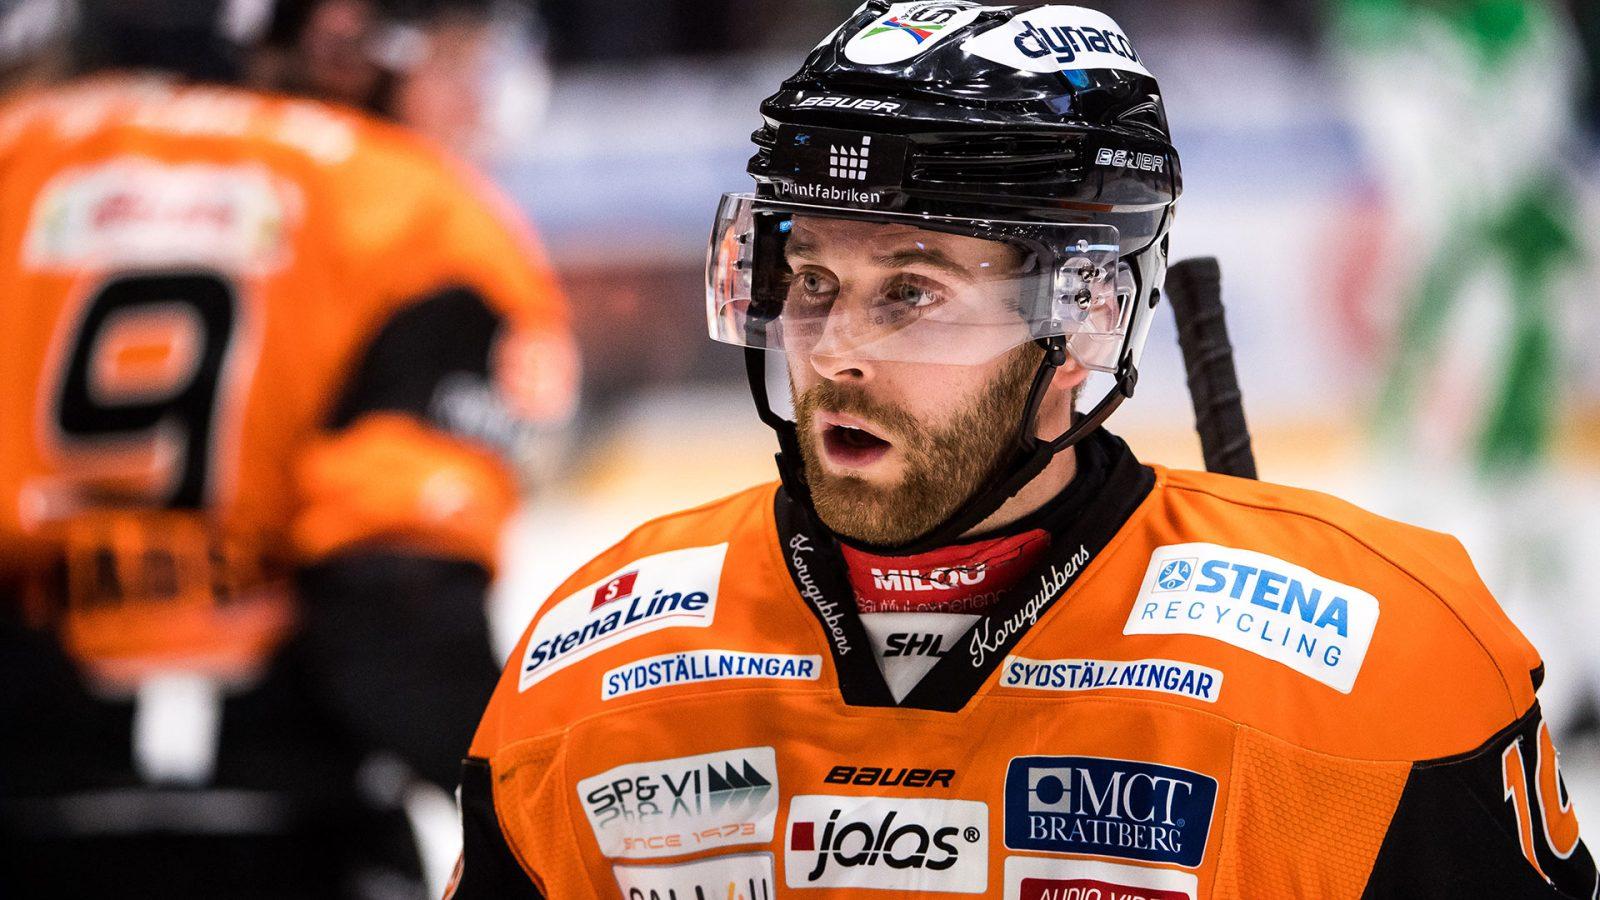 SILLY SEASON: Guter ser ut att nobba AIK och Karlskrona